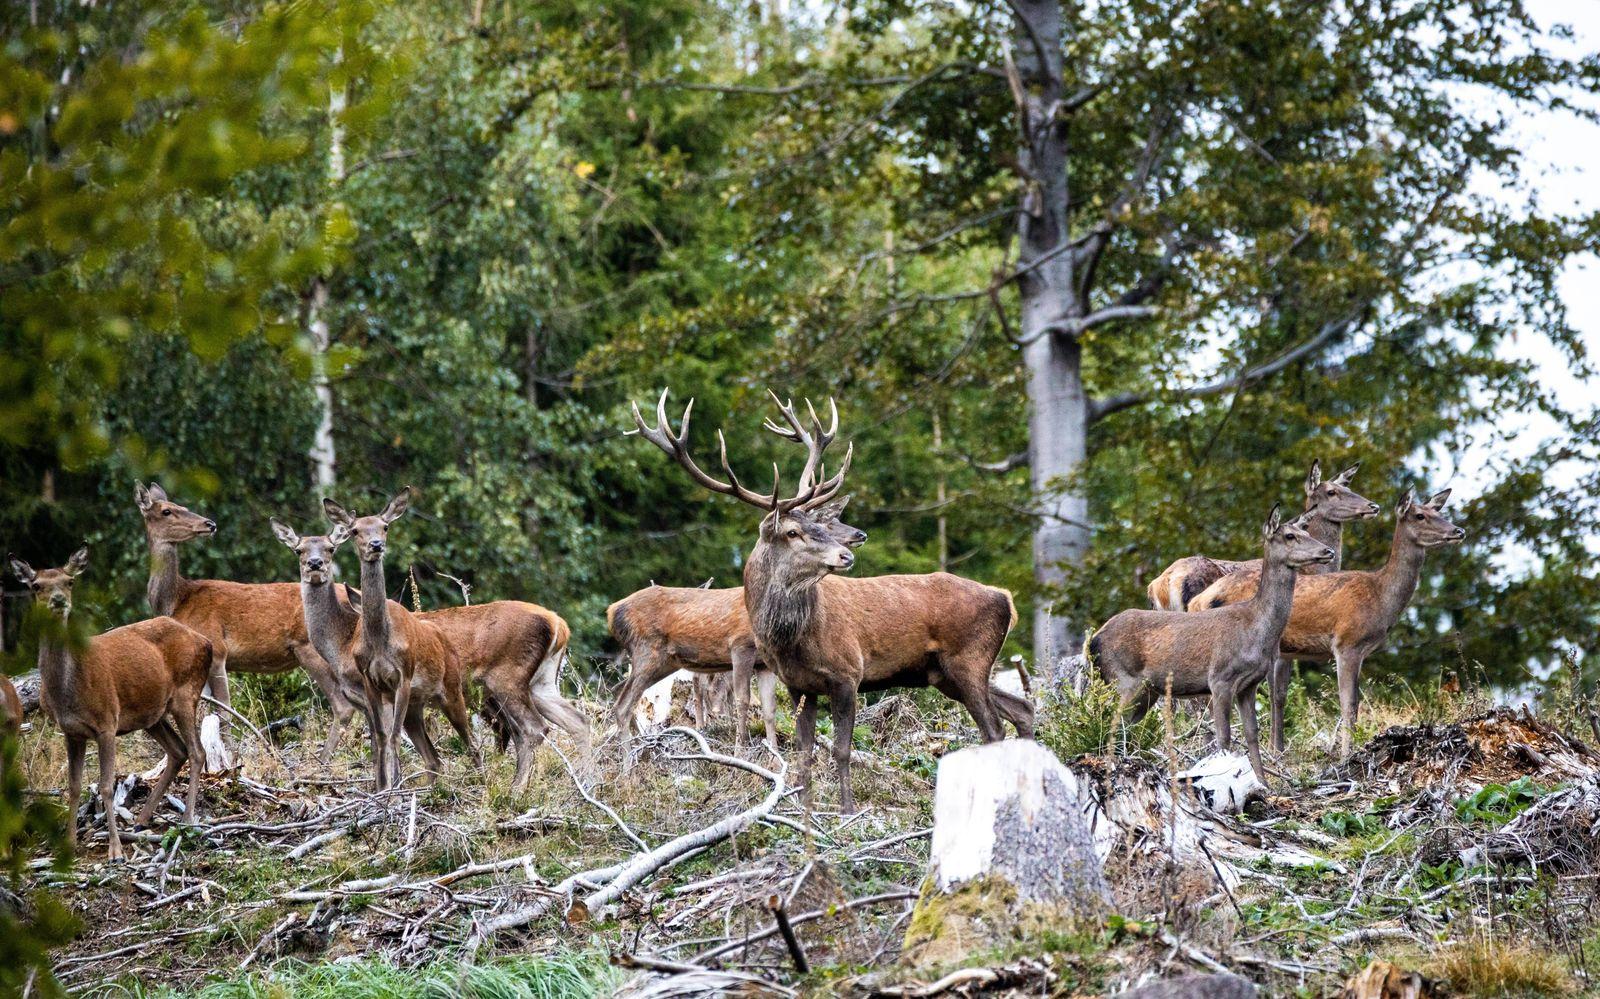 Rotwild im Taunus 28.09.2020, Schmitten (Hessen): Ein Hirsch und mehrere Hirschkühe stehen am Abend im Wald unterhalb de